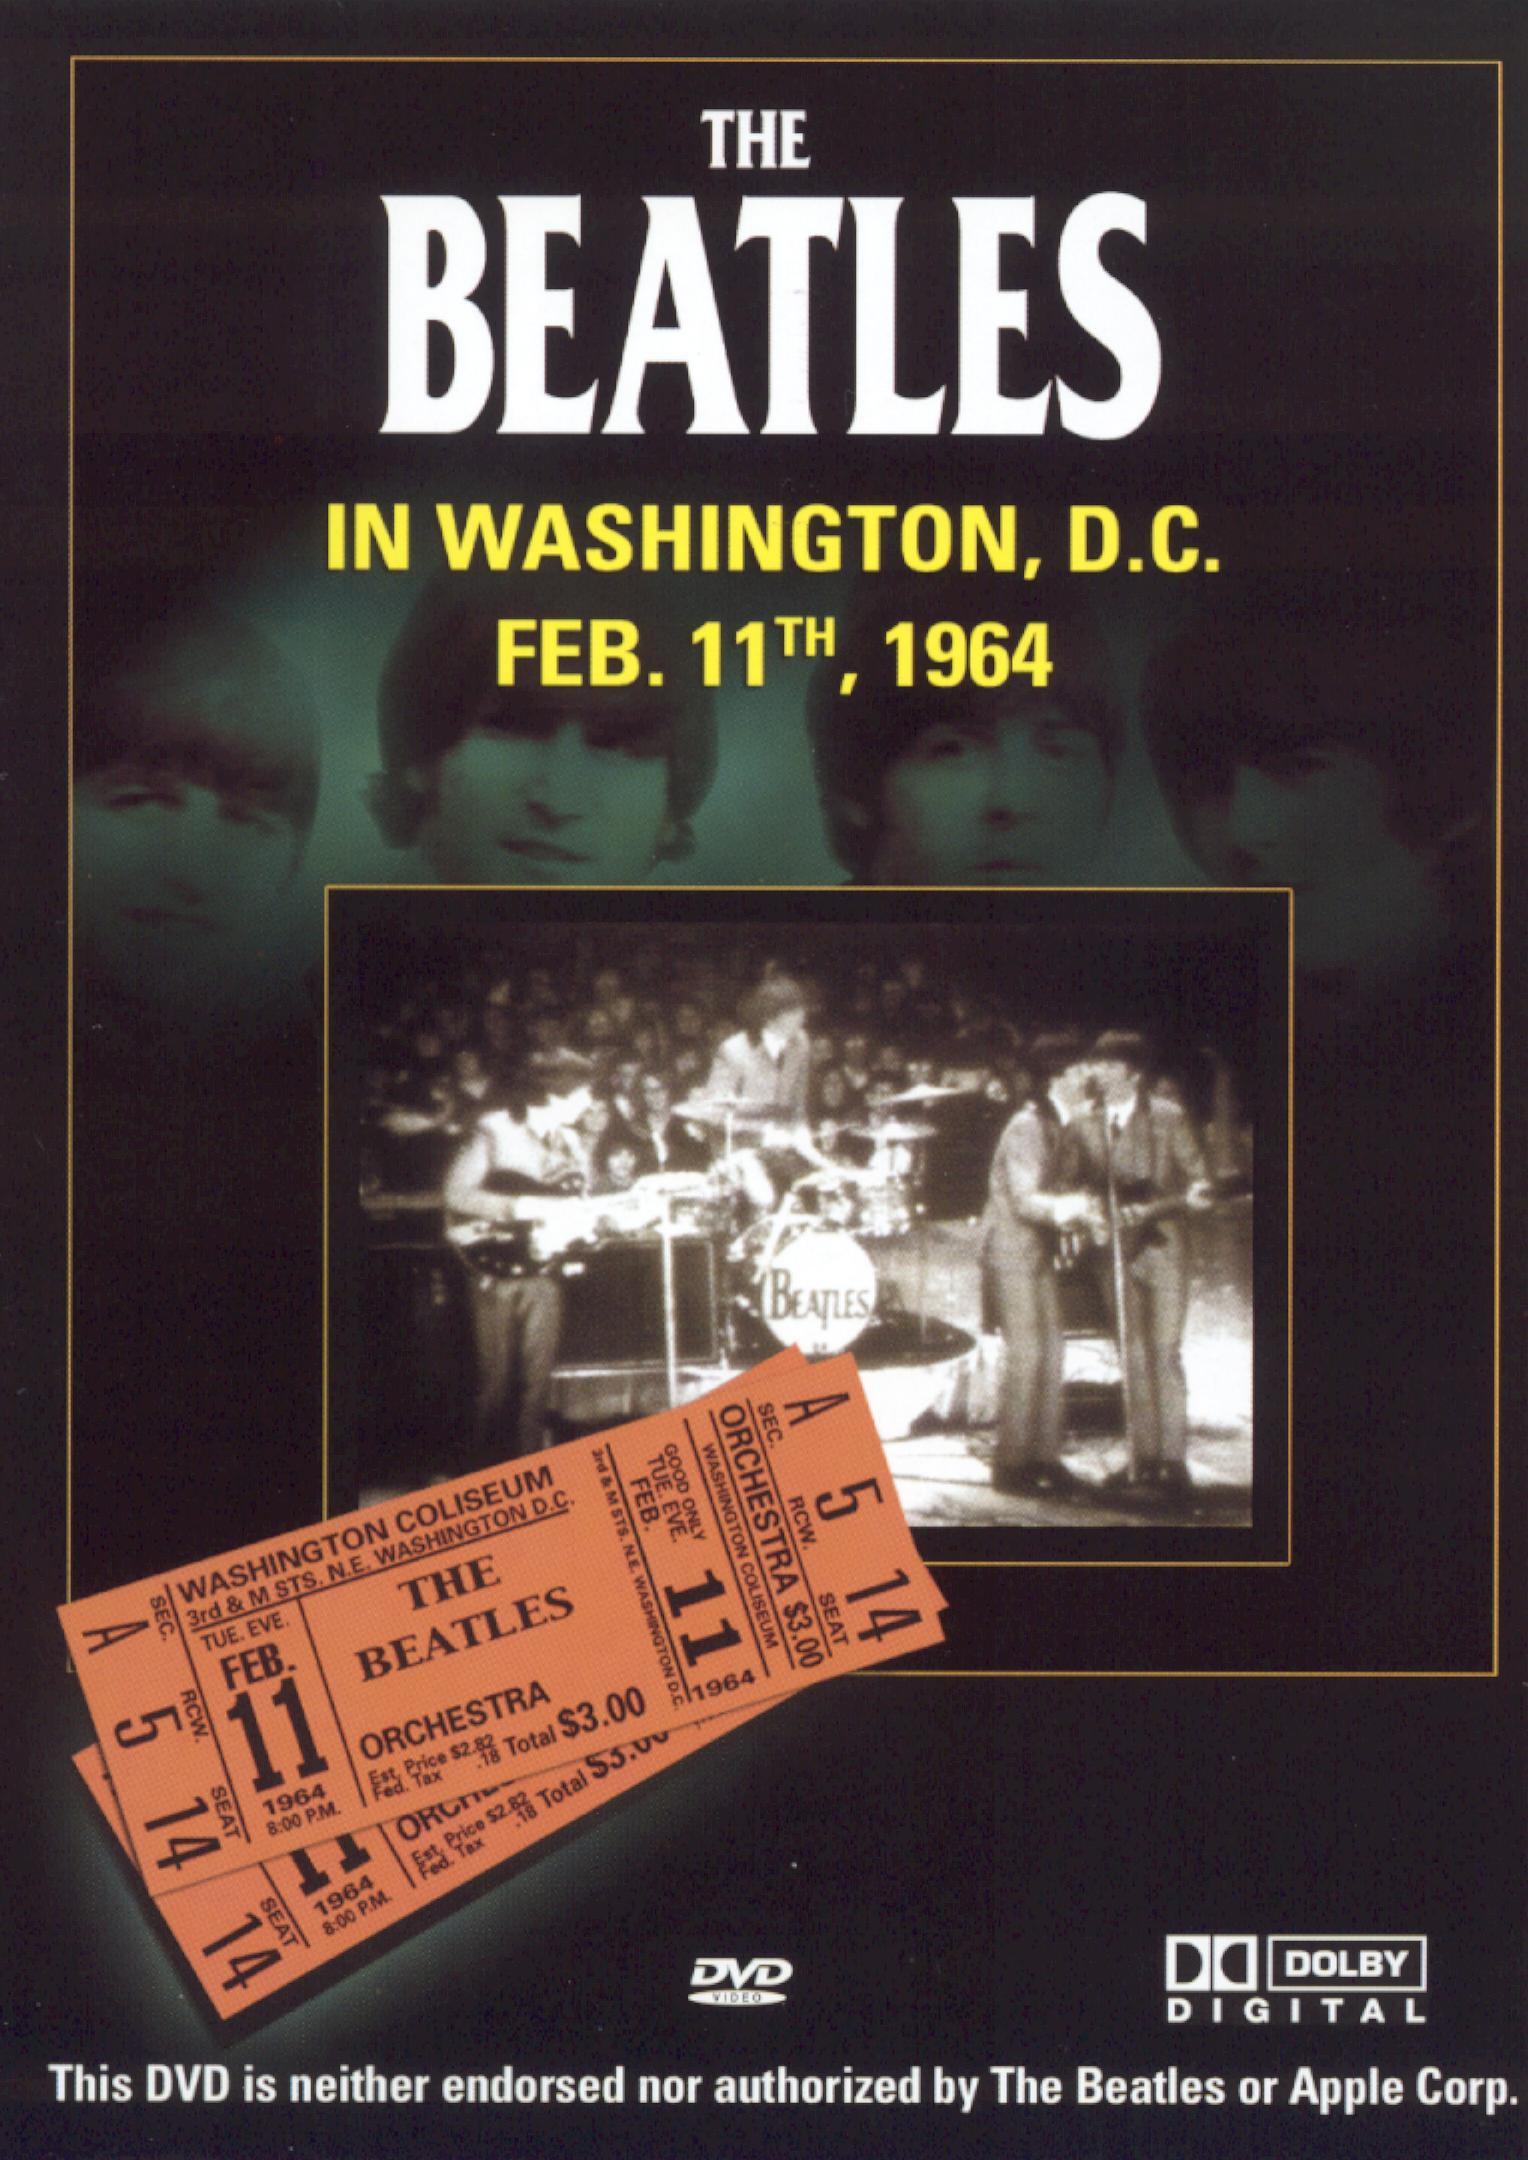 The Beatles: Washington, D.C. Feb. 11, 1964